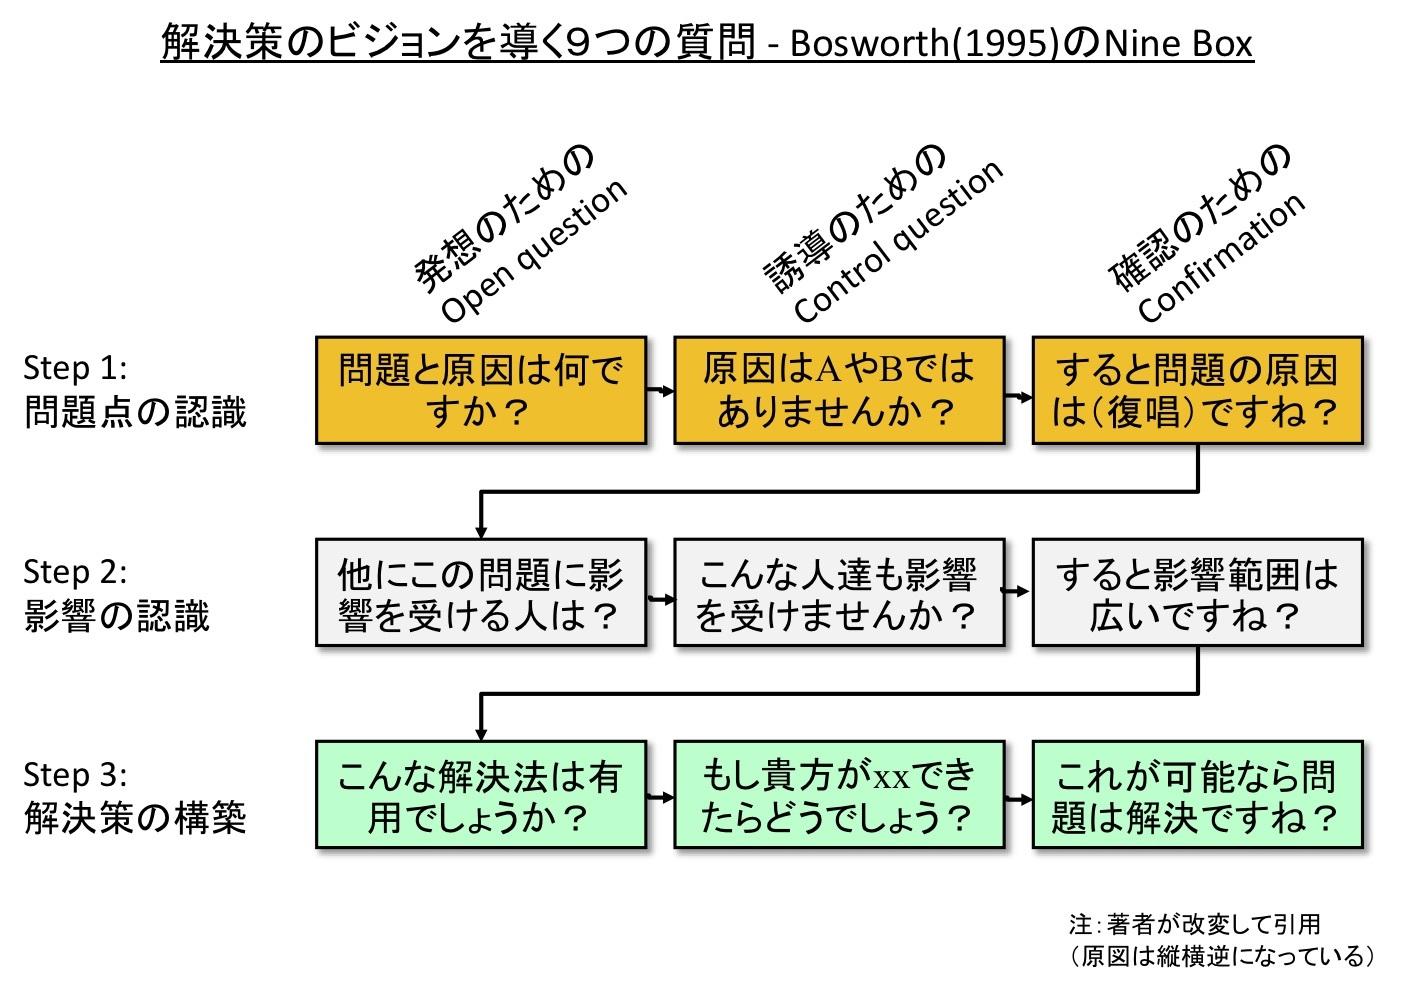 ネゴ(交渉)が苦手な人のために(2) 〜 解決策のビジョンを導く3 x 3の質問_e0058447_22581975.jpg